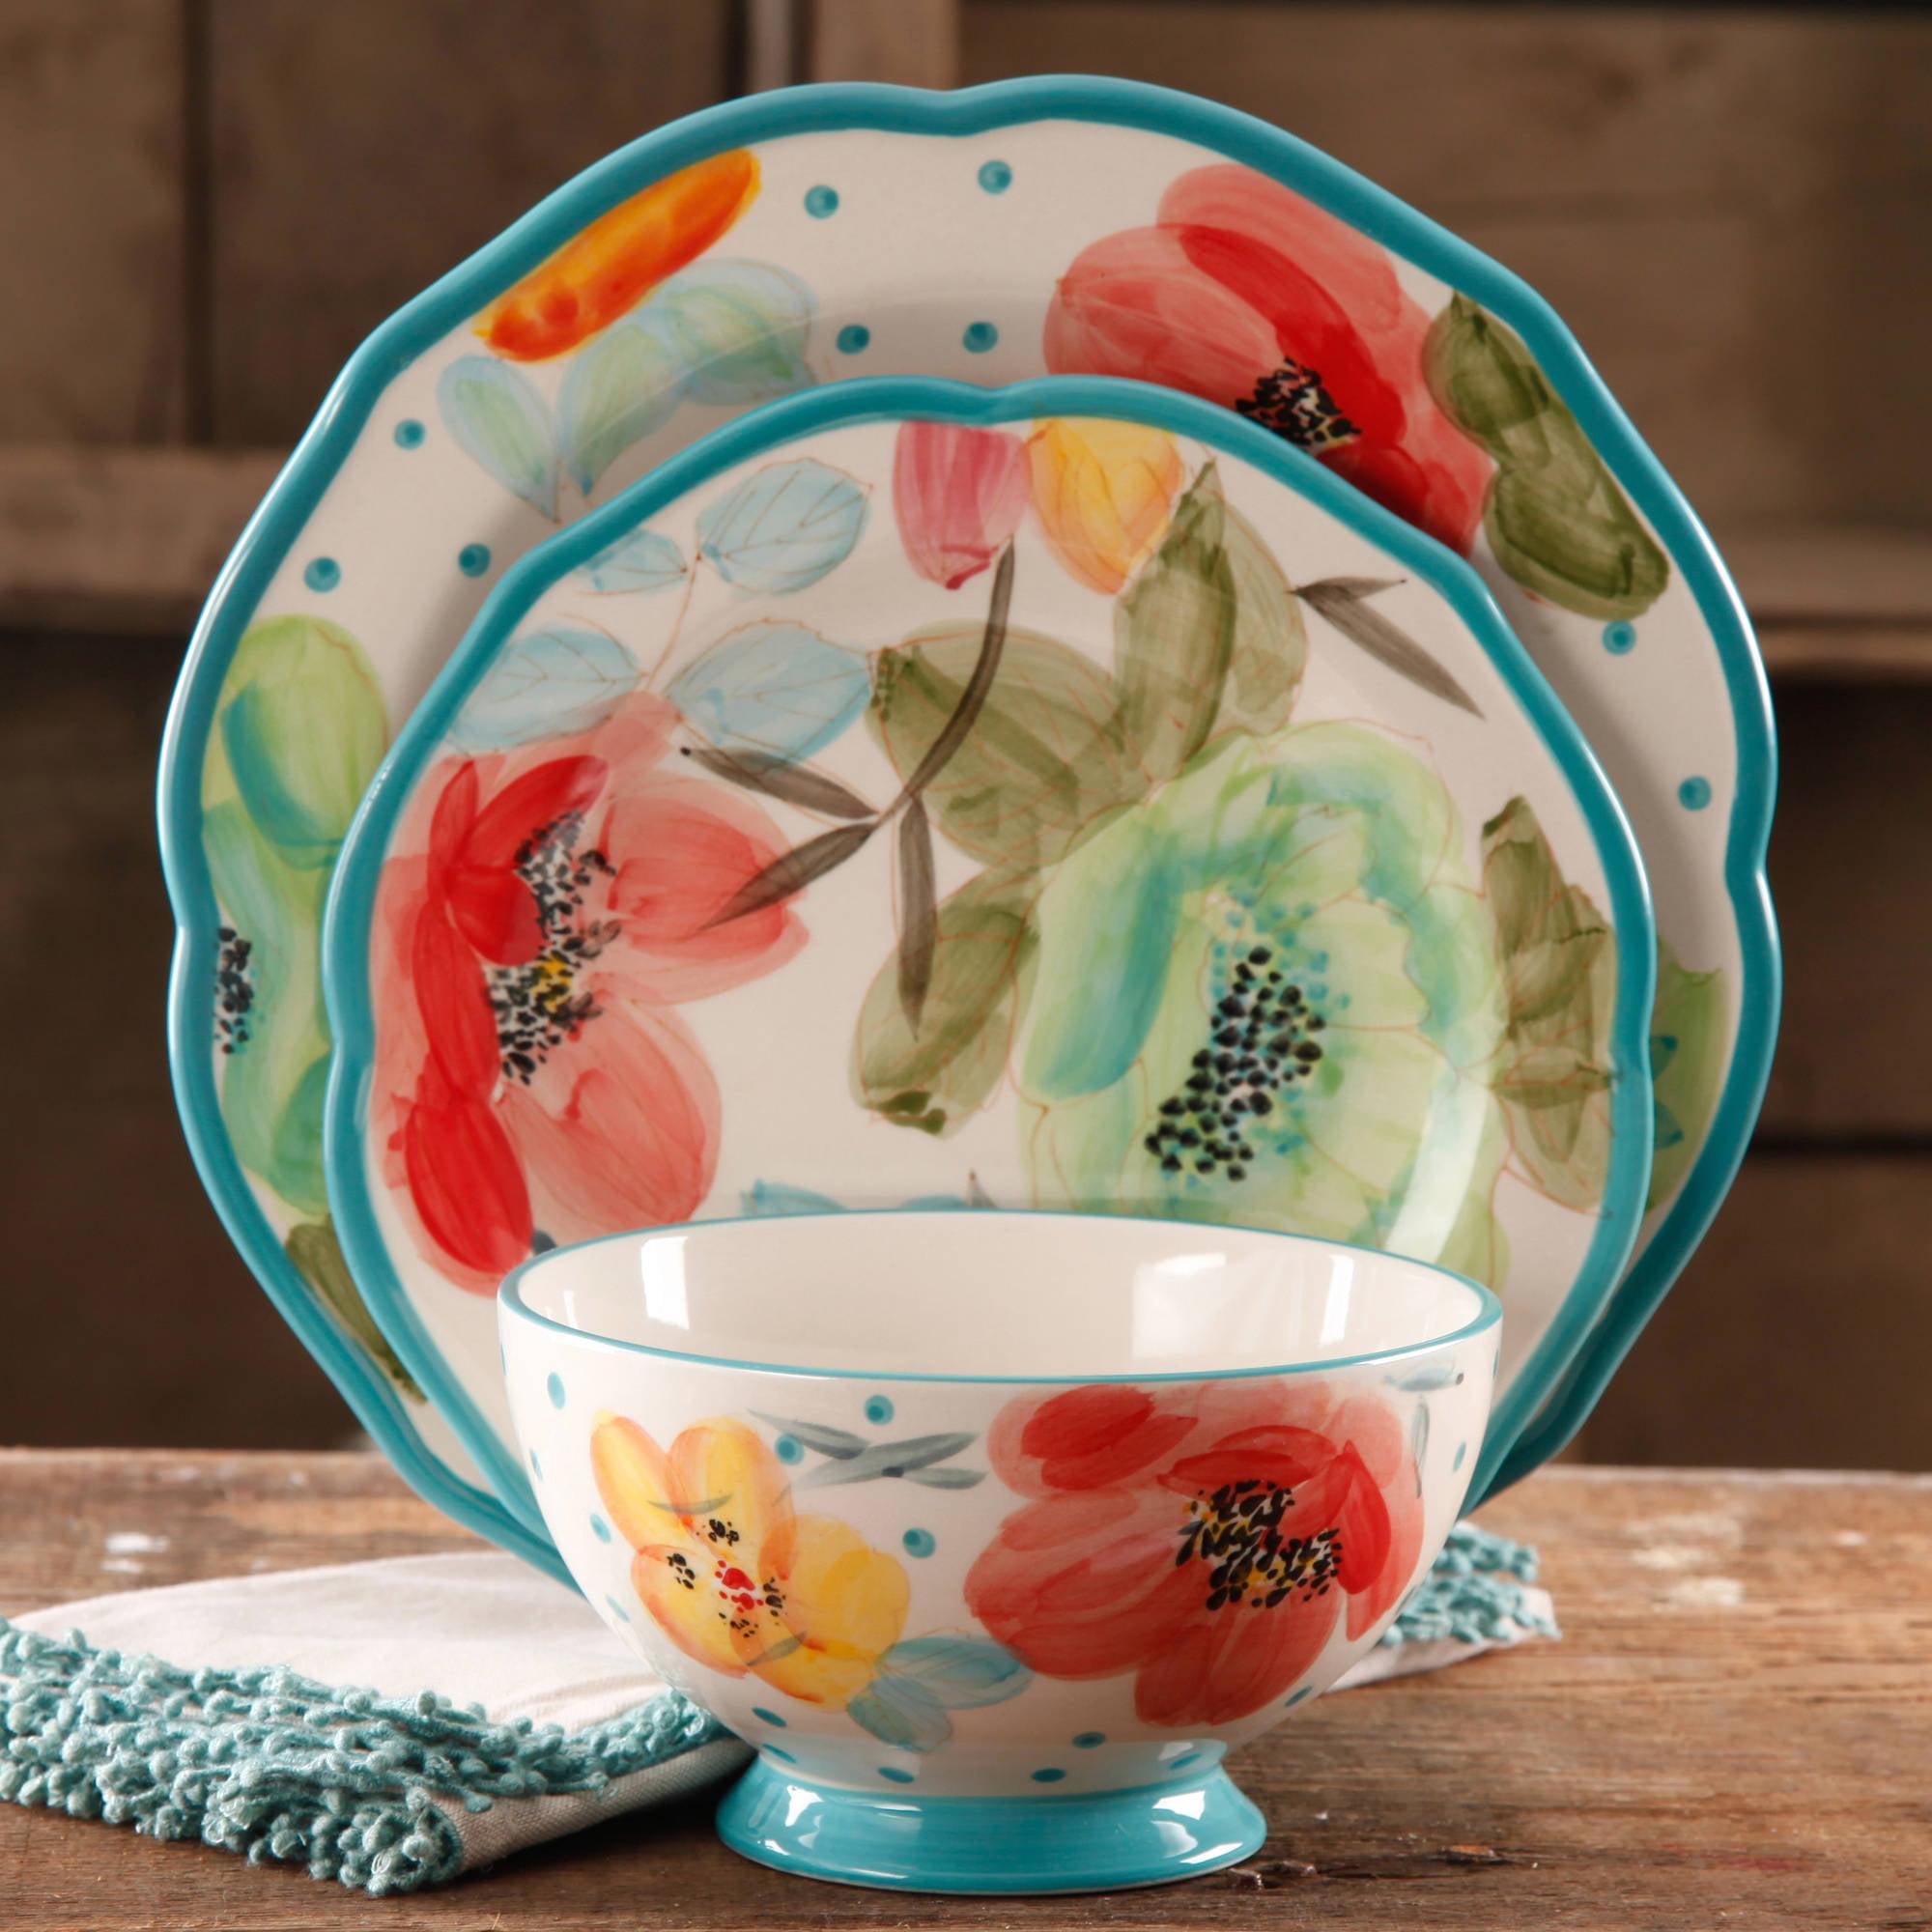 The Pioneer Woman Vintage Bloom 12-Piece Decorated Dinnerware Set